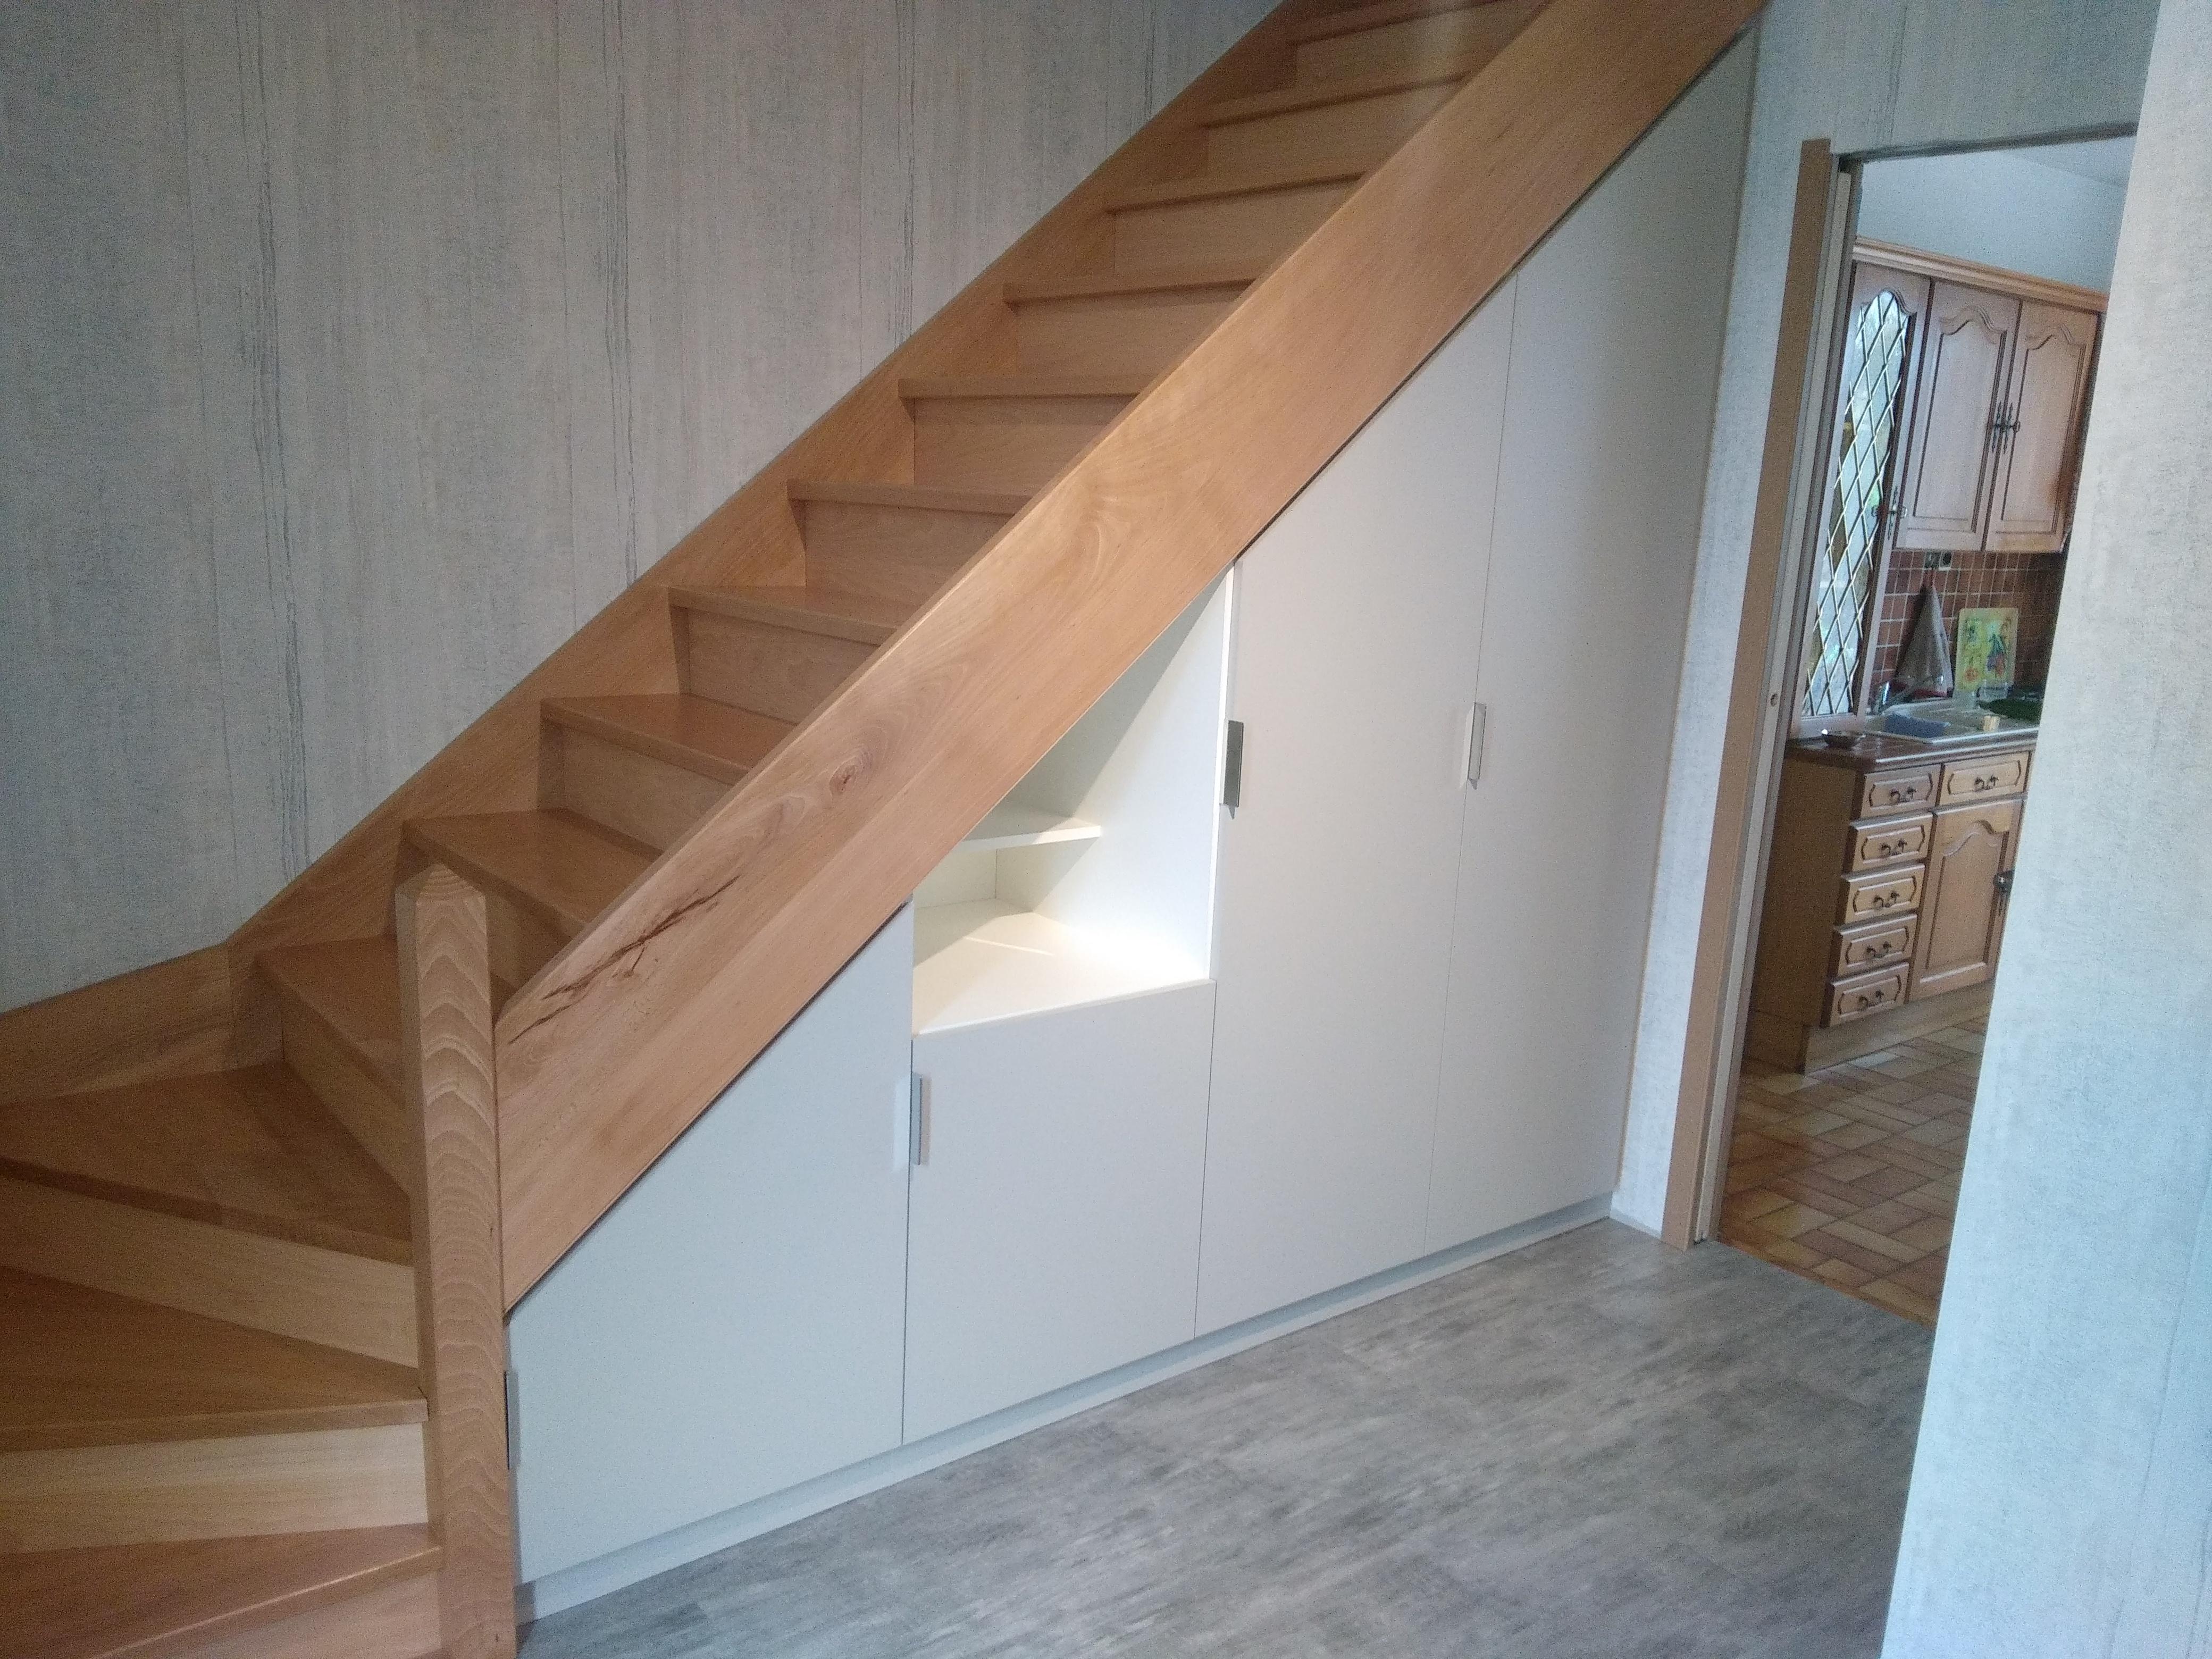 Rangements Sous Escalier Kiosque Amenagement